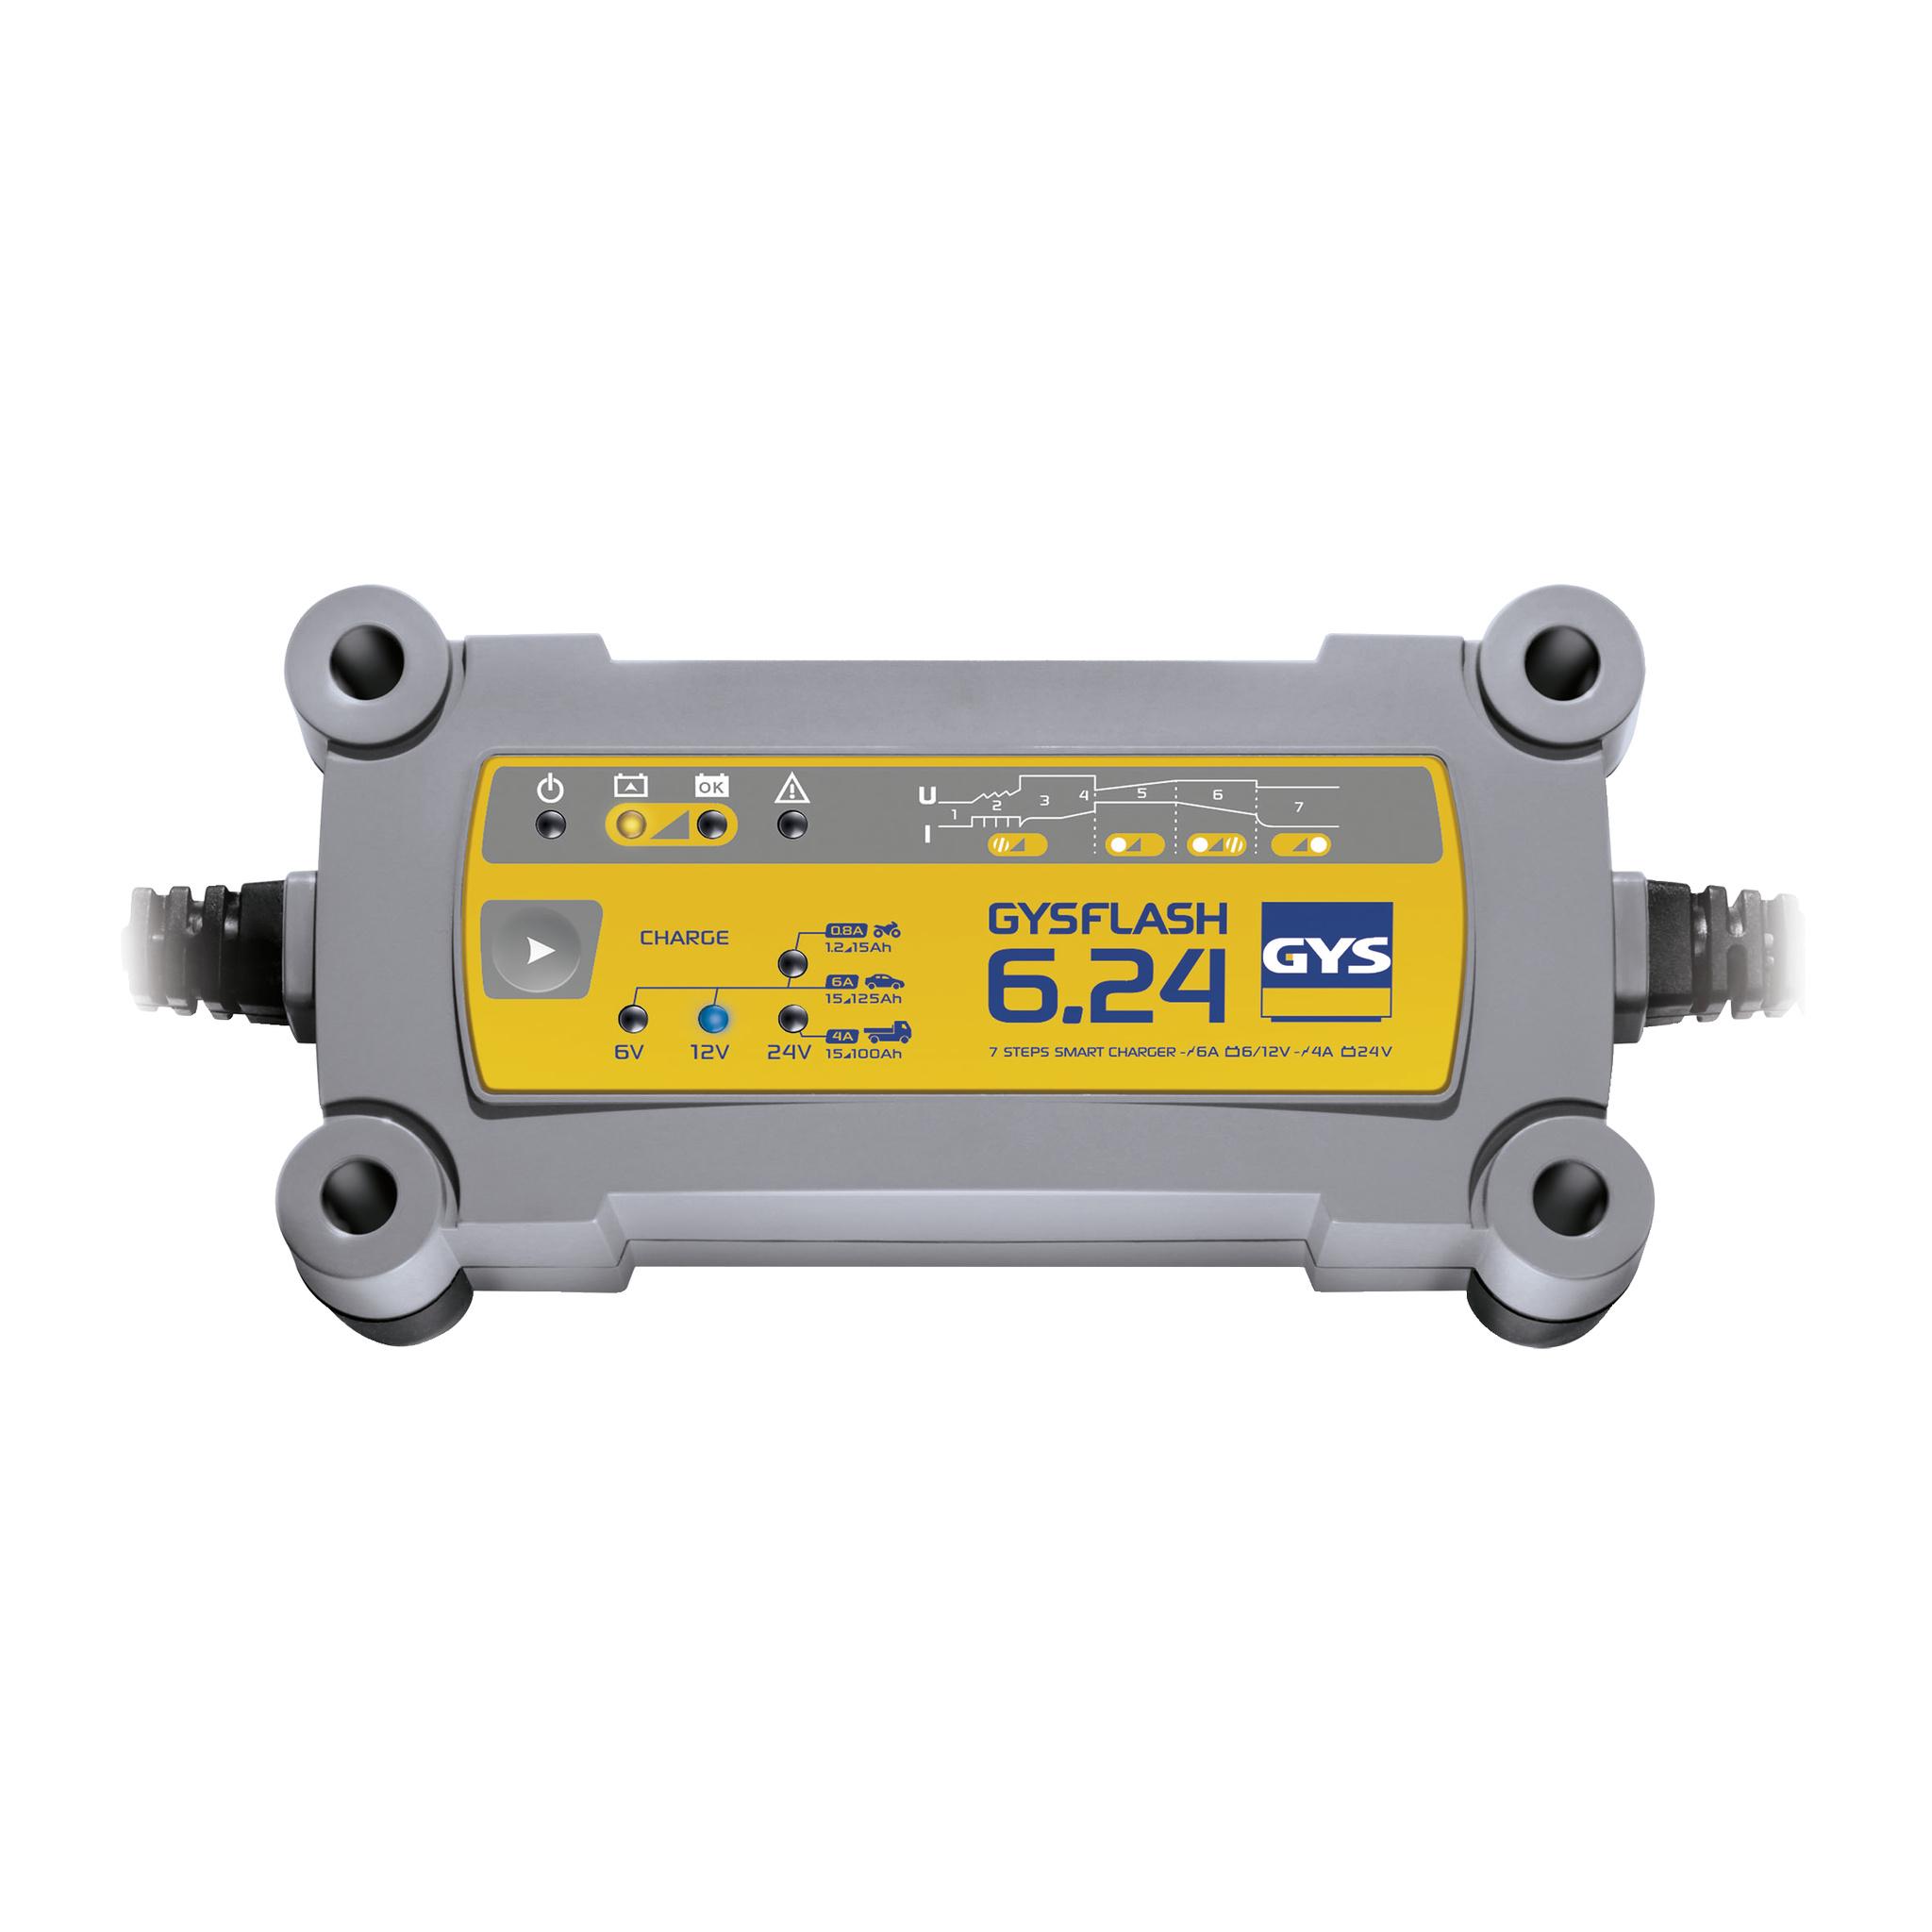 Druppellader GYS GYSFLASH 6.24 6 V, 12 V, 24 V 0.8 A 6 A 4 A